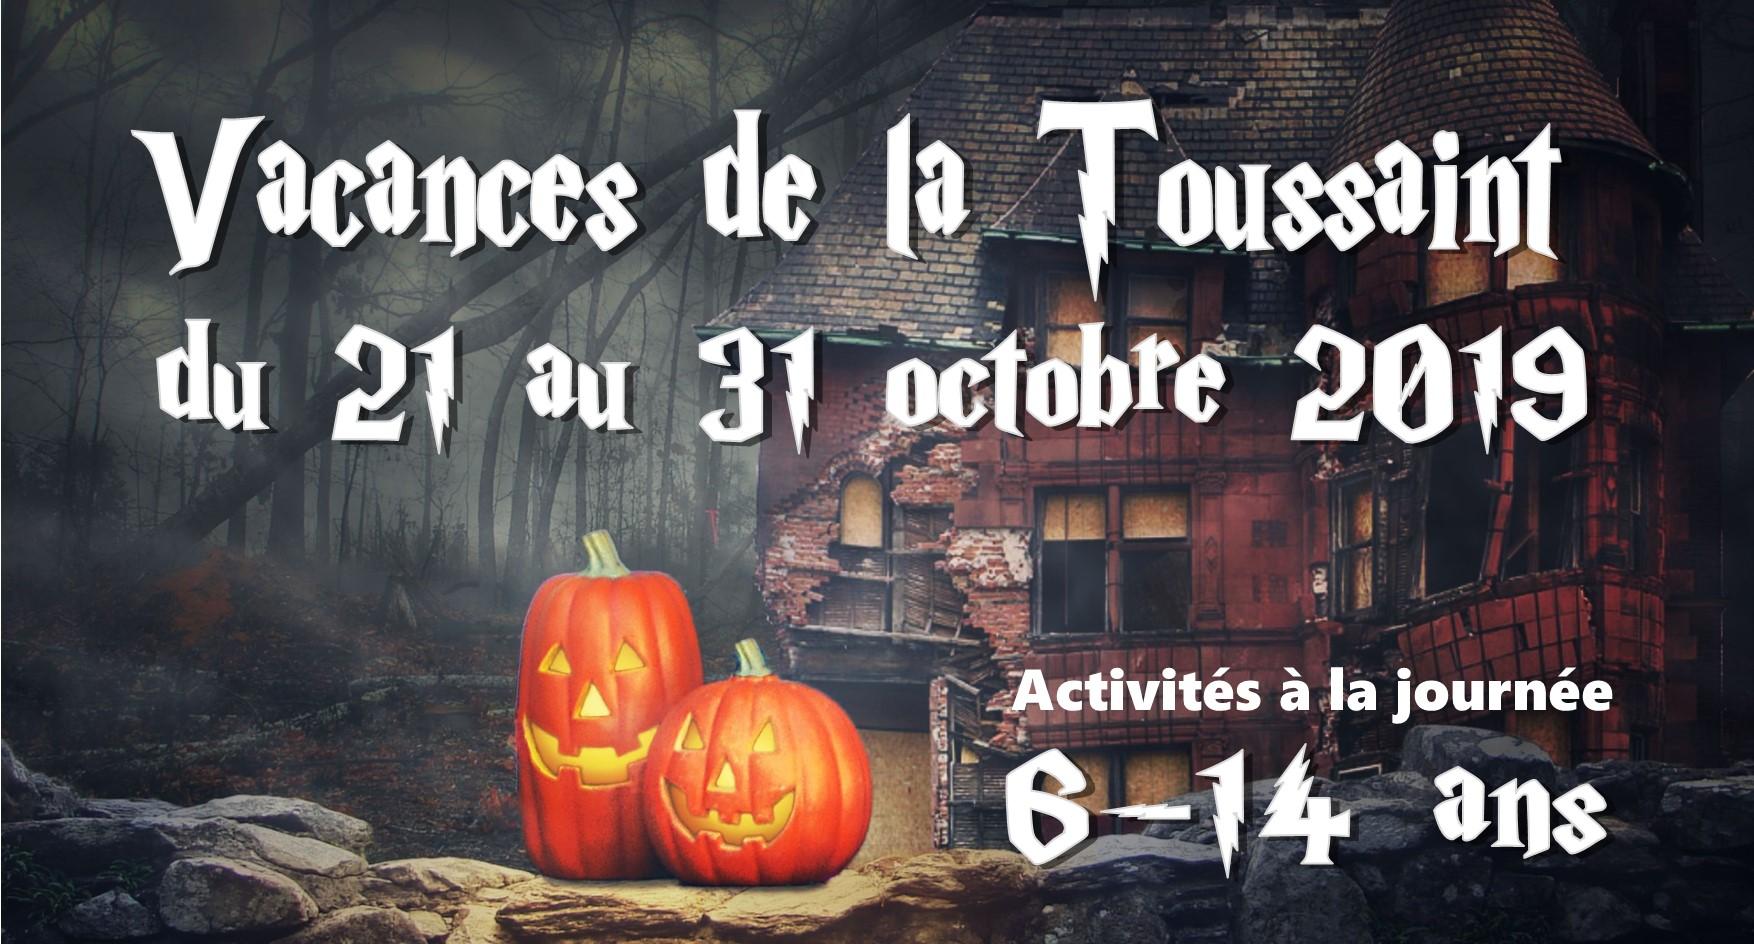 Vacances de la toussaint 2019 mjc morteau - Les vacances de la toussaint 2020 ...